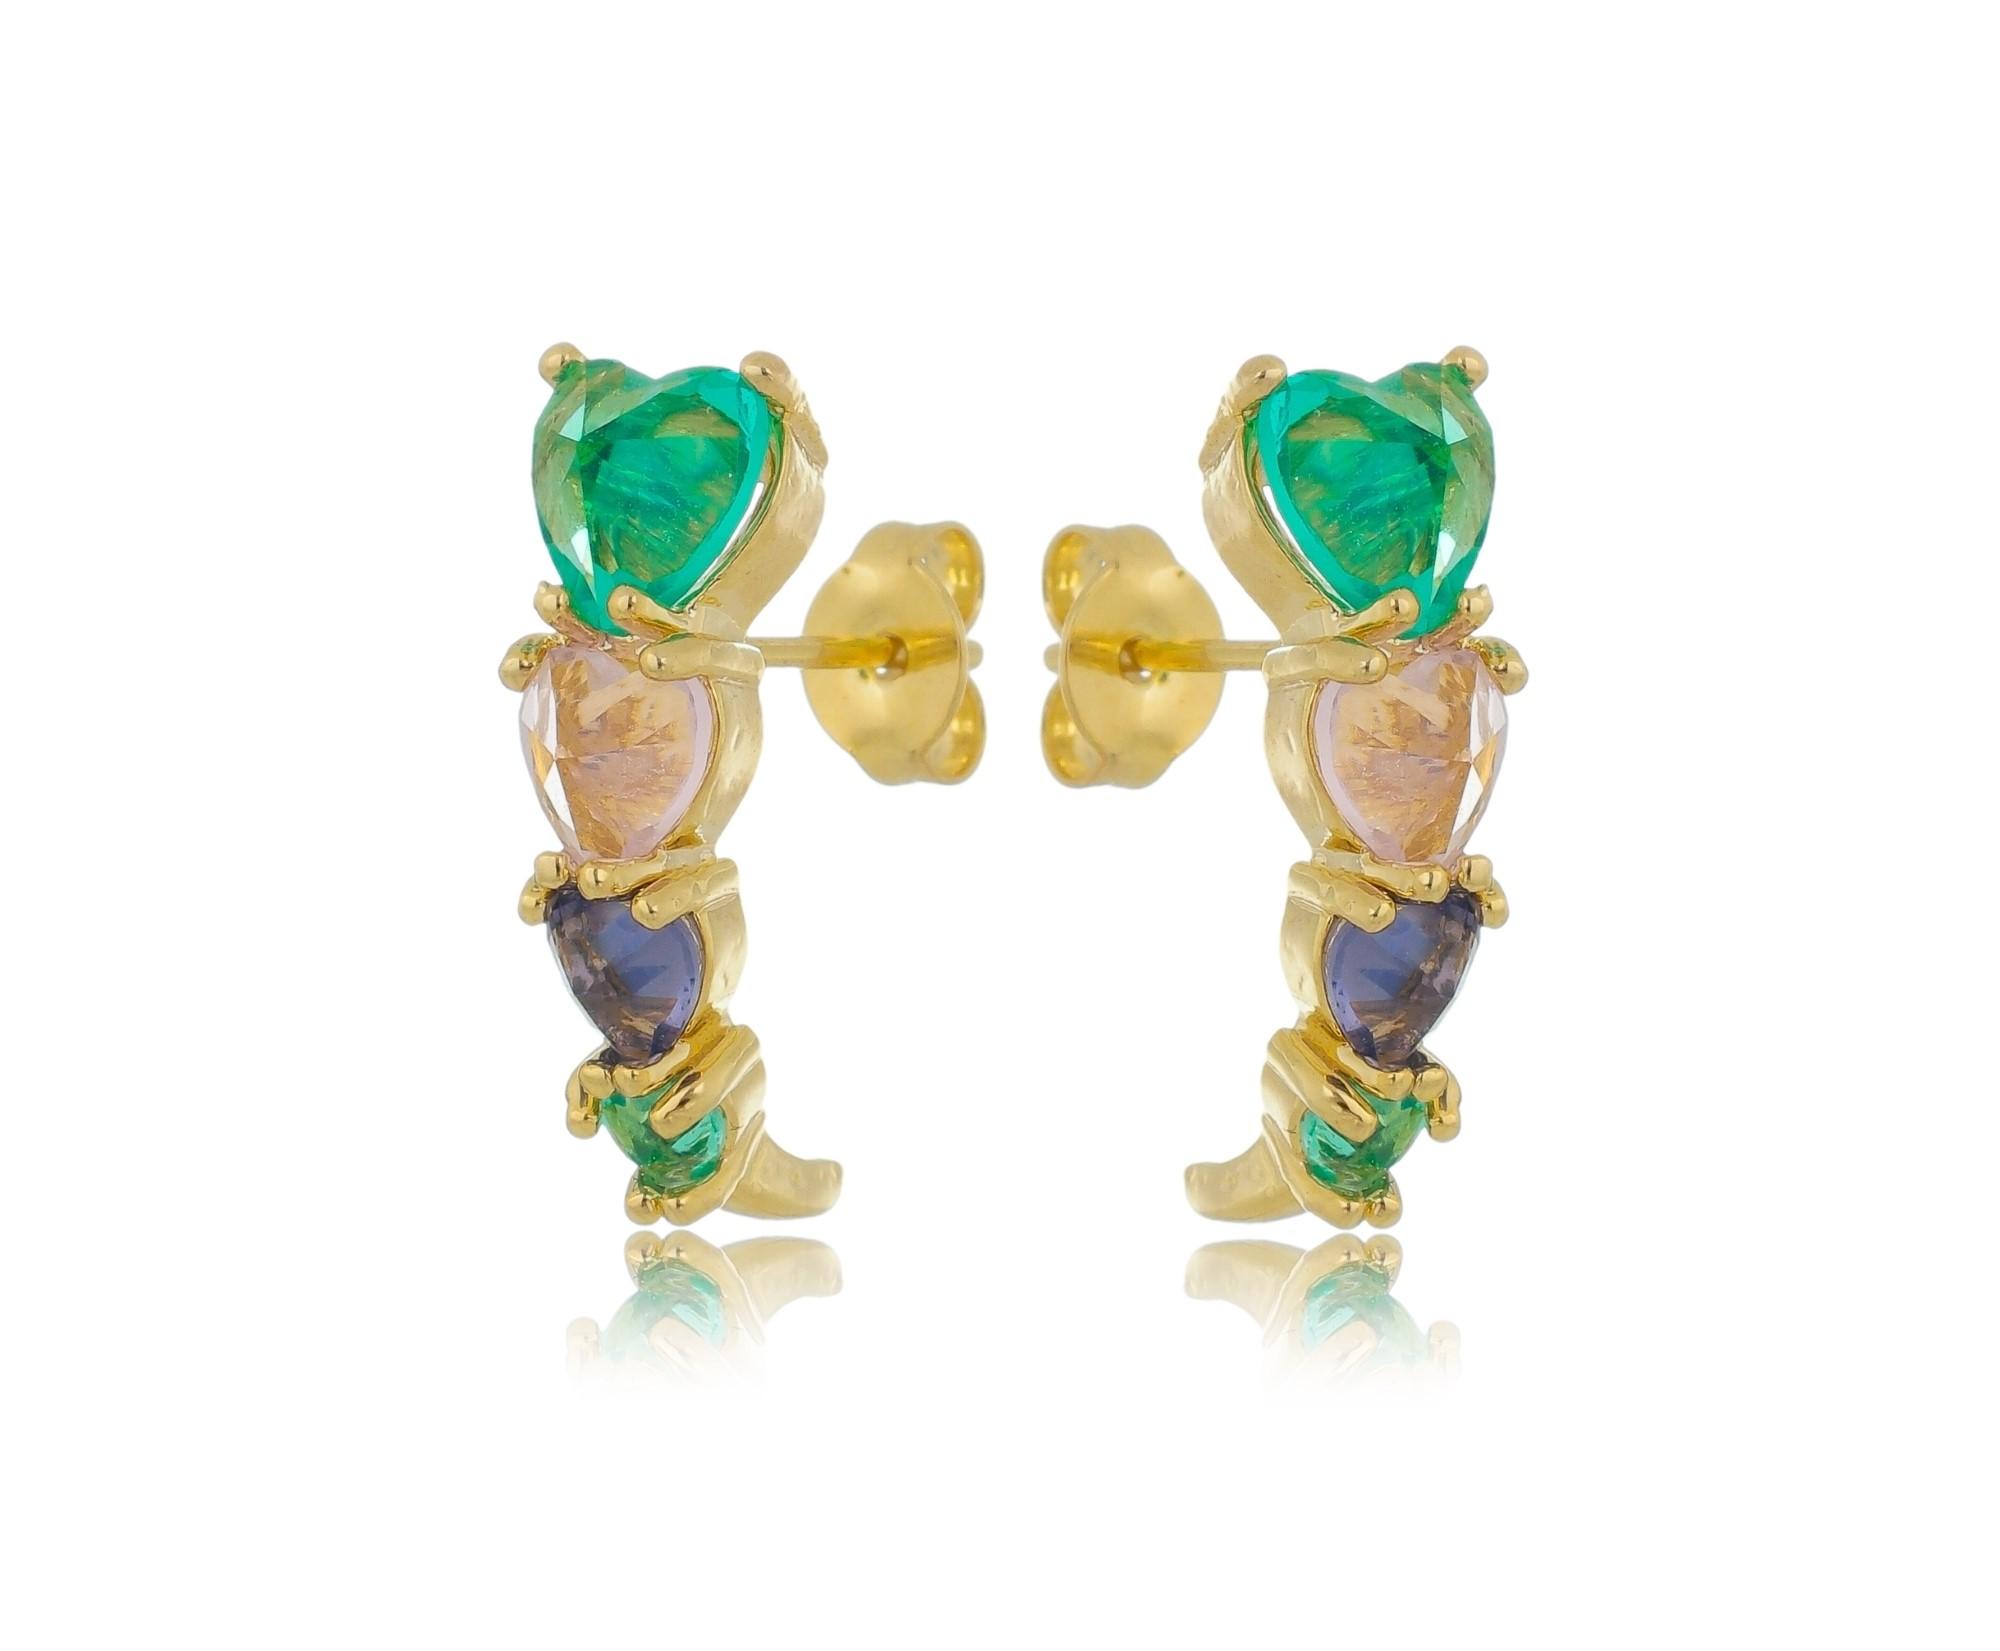 Brinco ear hook 4 corações com zircônias coloridas